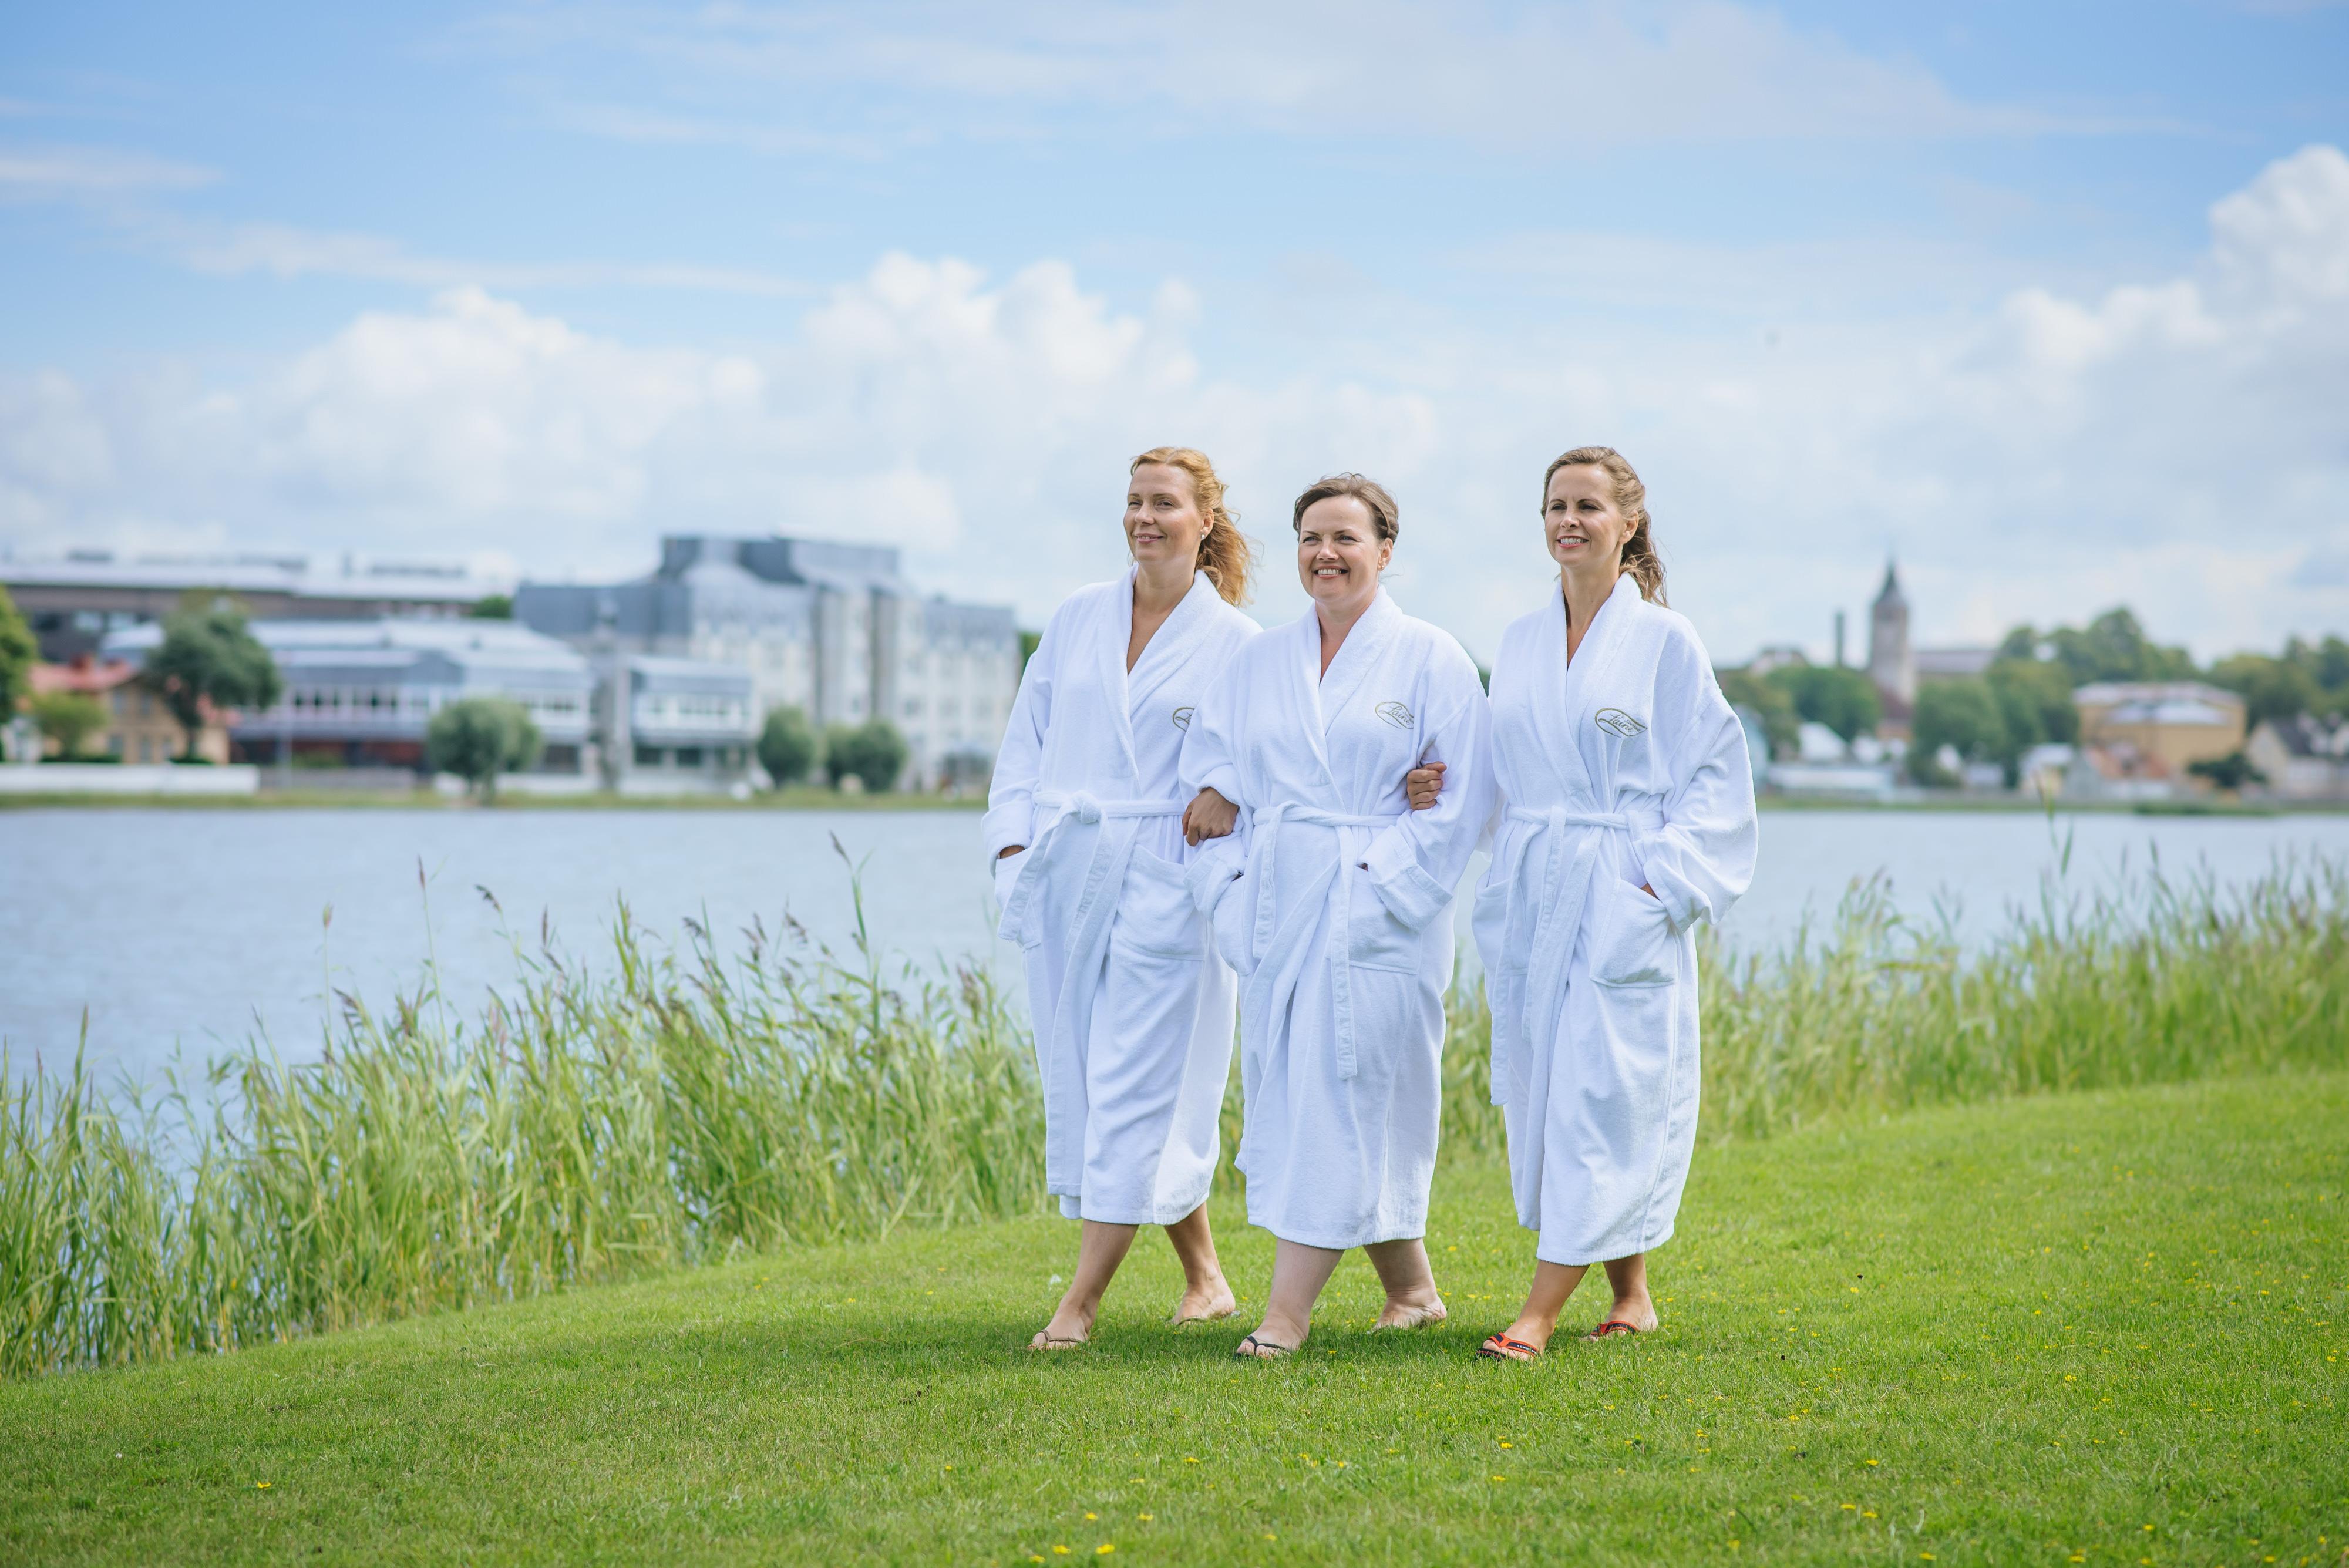 Kolme naista Laine-kylpylän aamutakeissa merenrannalla kesäisessä säässä